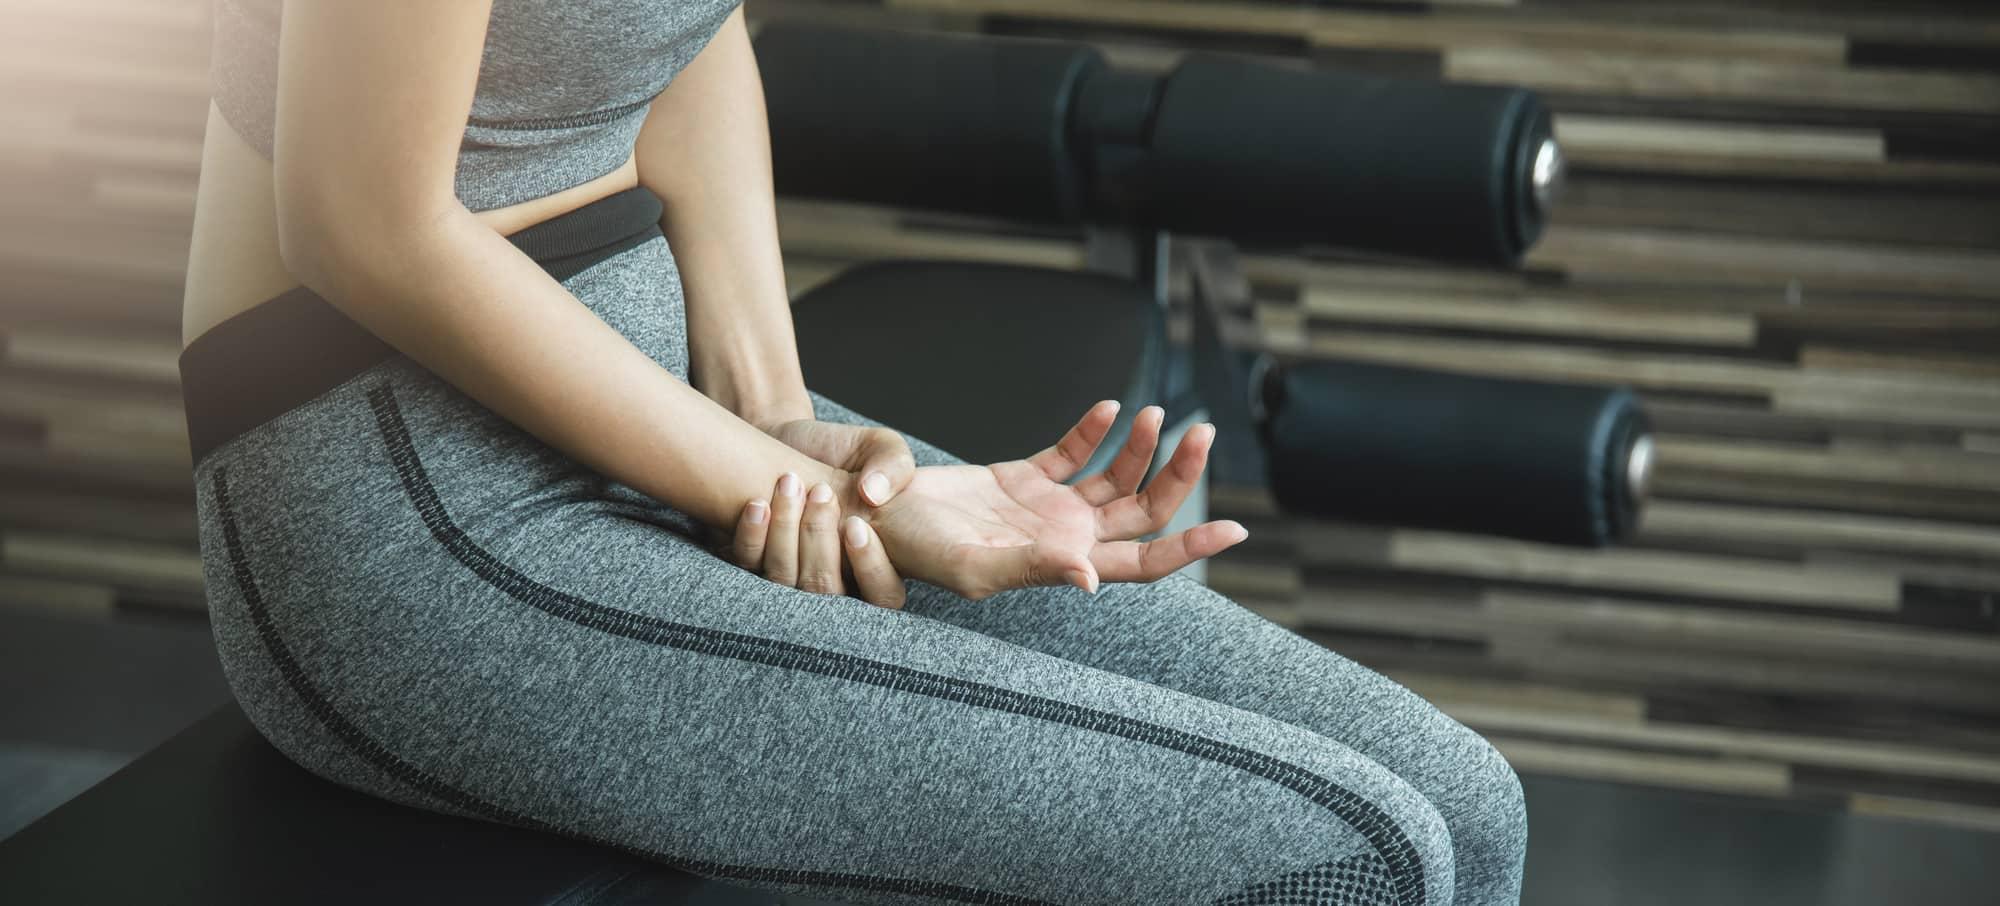 Causes Wrist Sprains